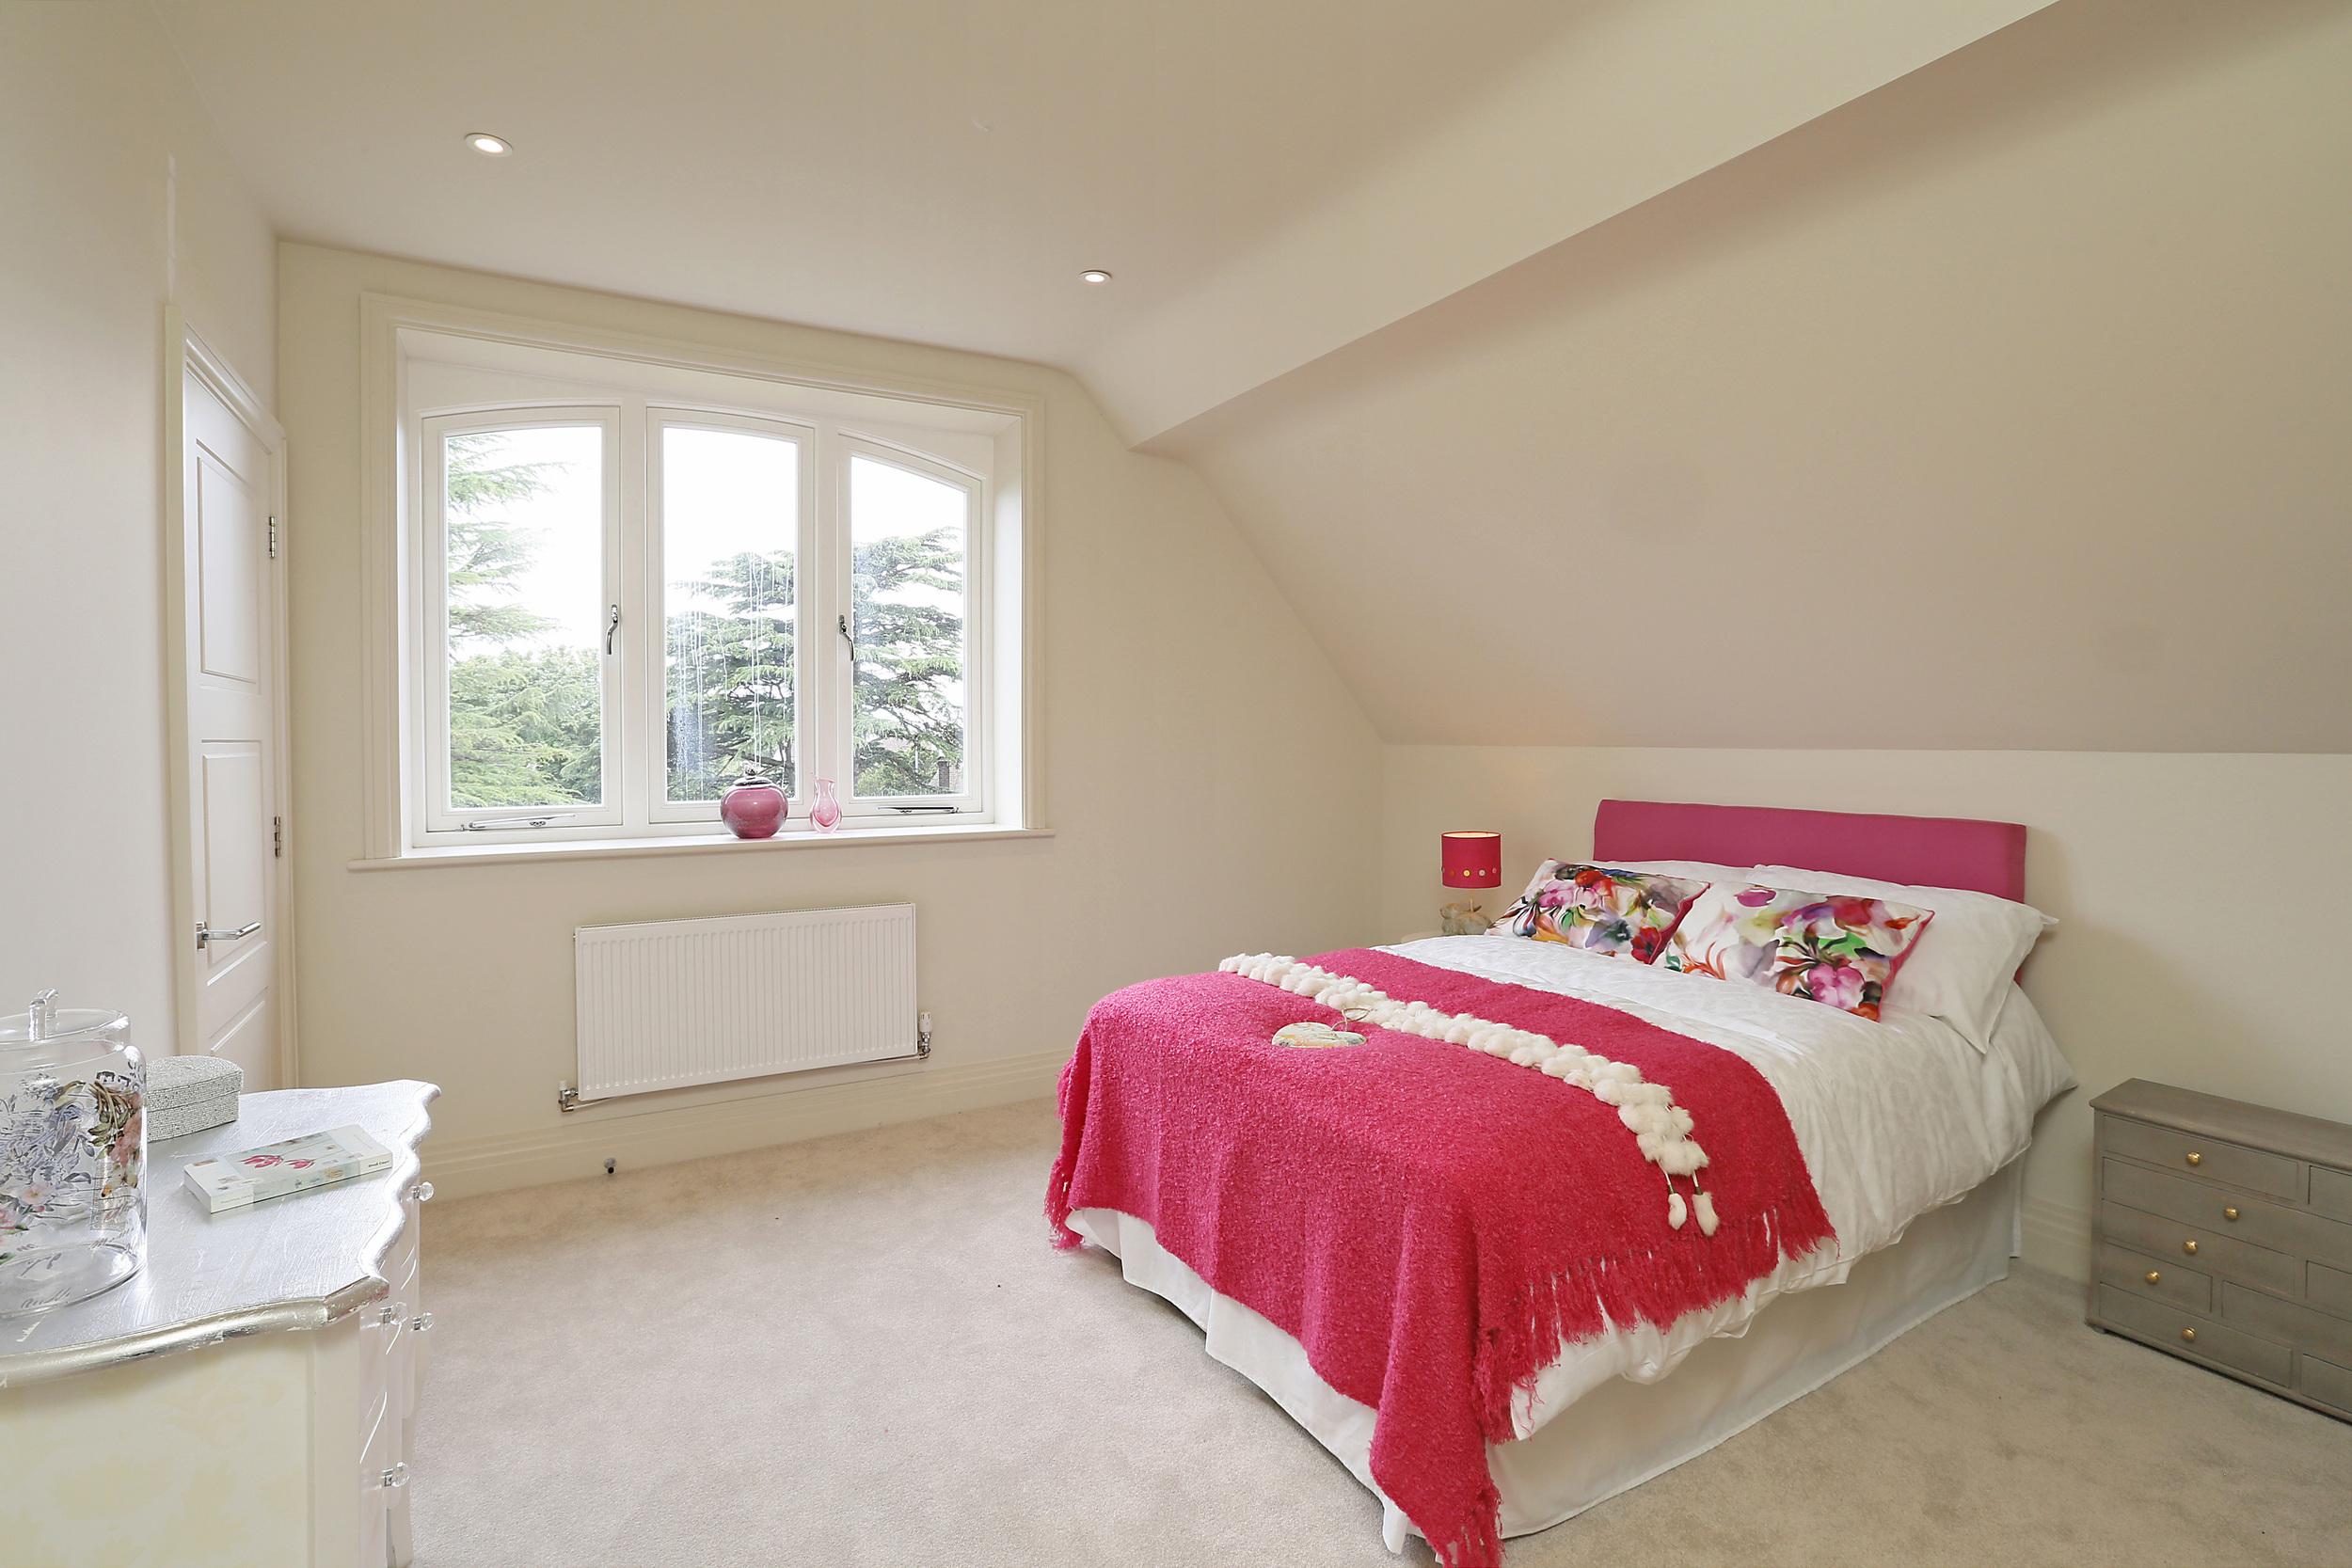 Fairlawn 3 - Top Bed2.jpg